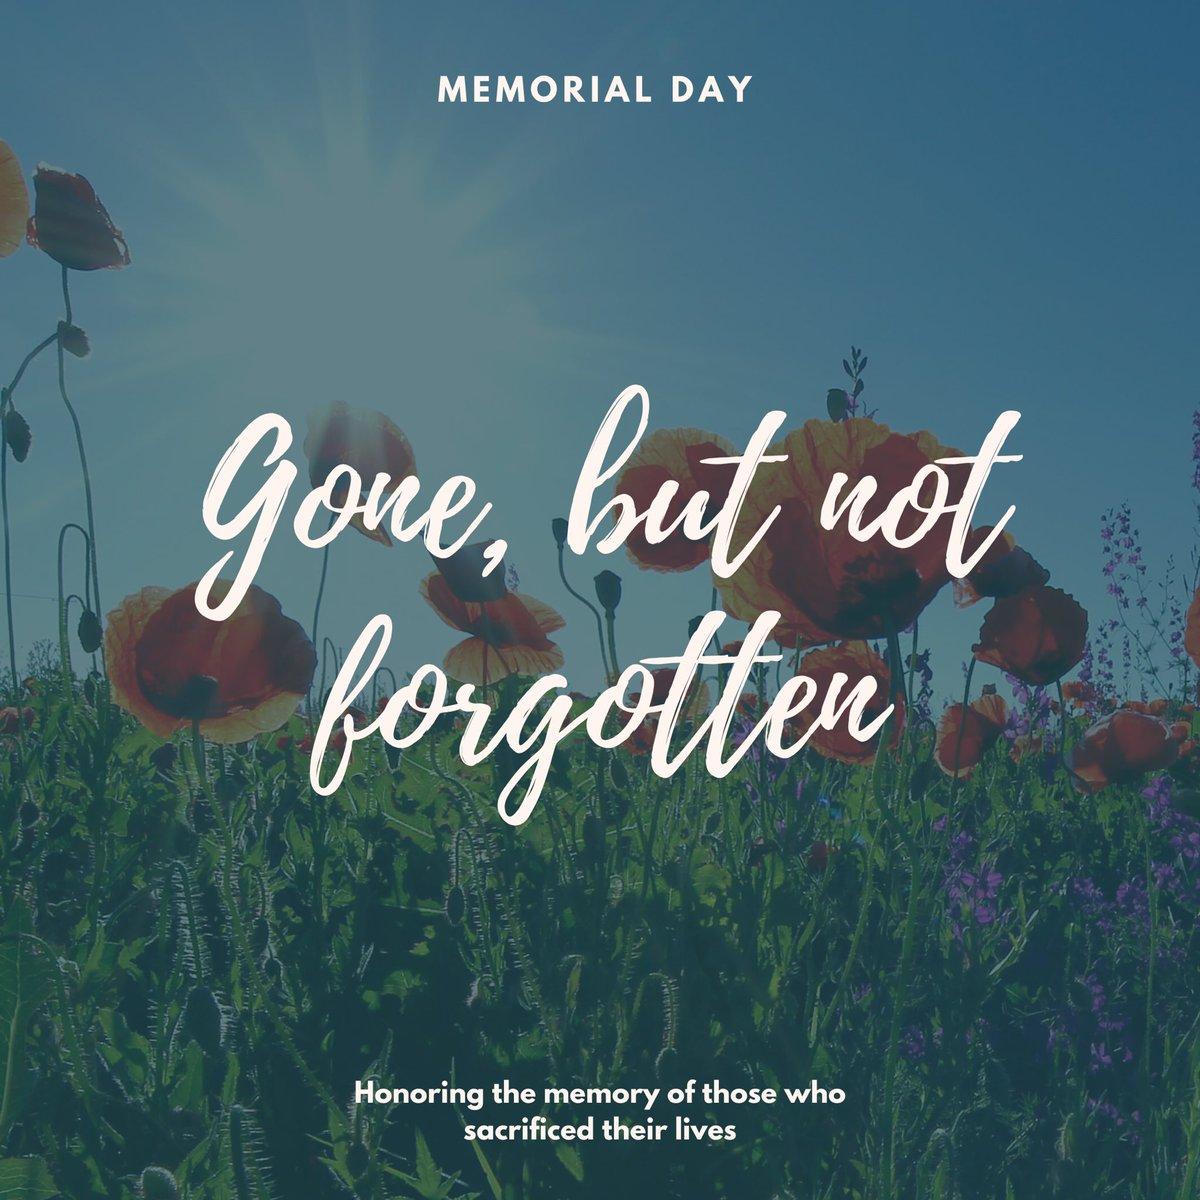 We remember those who have served and sacrificed this Memorial Day. #okinawaassociationofamerica #kenjinkai #okinawa #okinawakenjinkai #uchinanchu #uchinaanchu  #uchinaa #うちな #Ryukyu #沖縄 #nonprofit #ウチナーンチュ #うちなーんちゅ #県人会pic.twitter.com/sufCsGxcnc